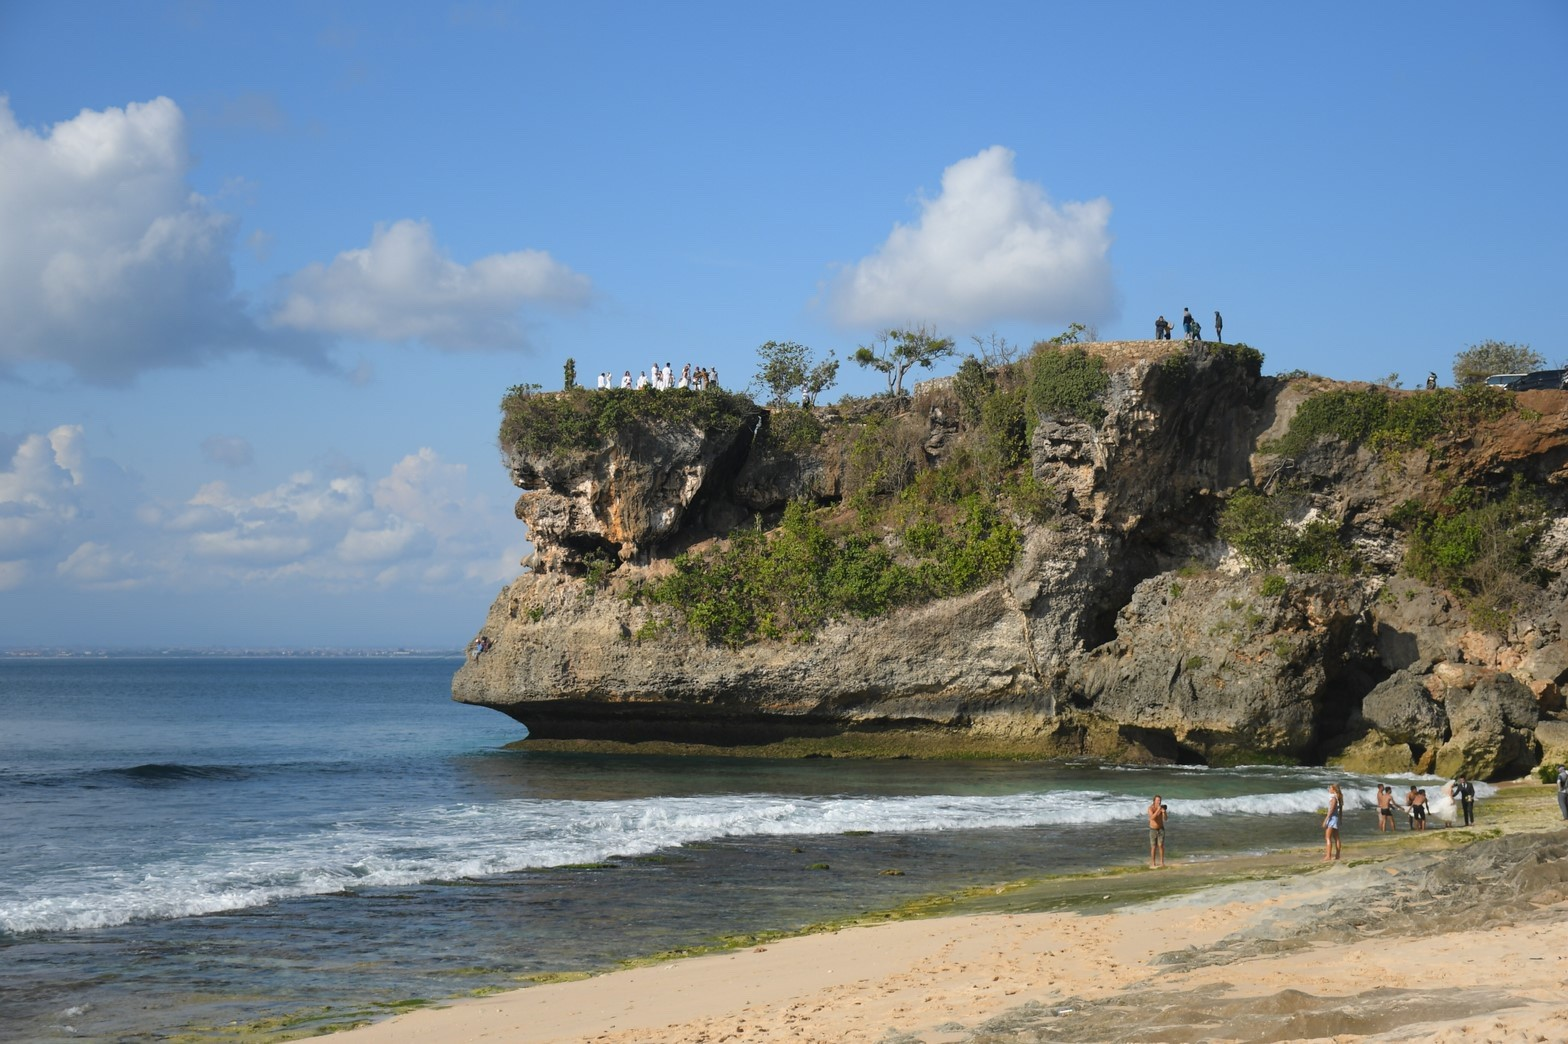 バランガンビーチの雰囲気